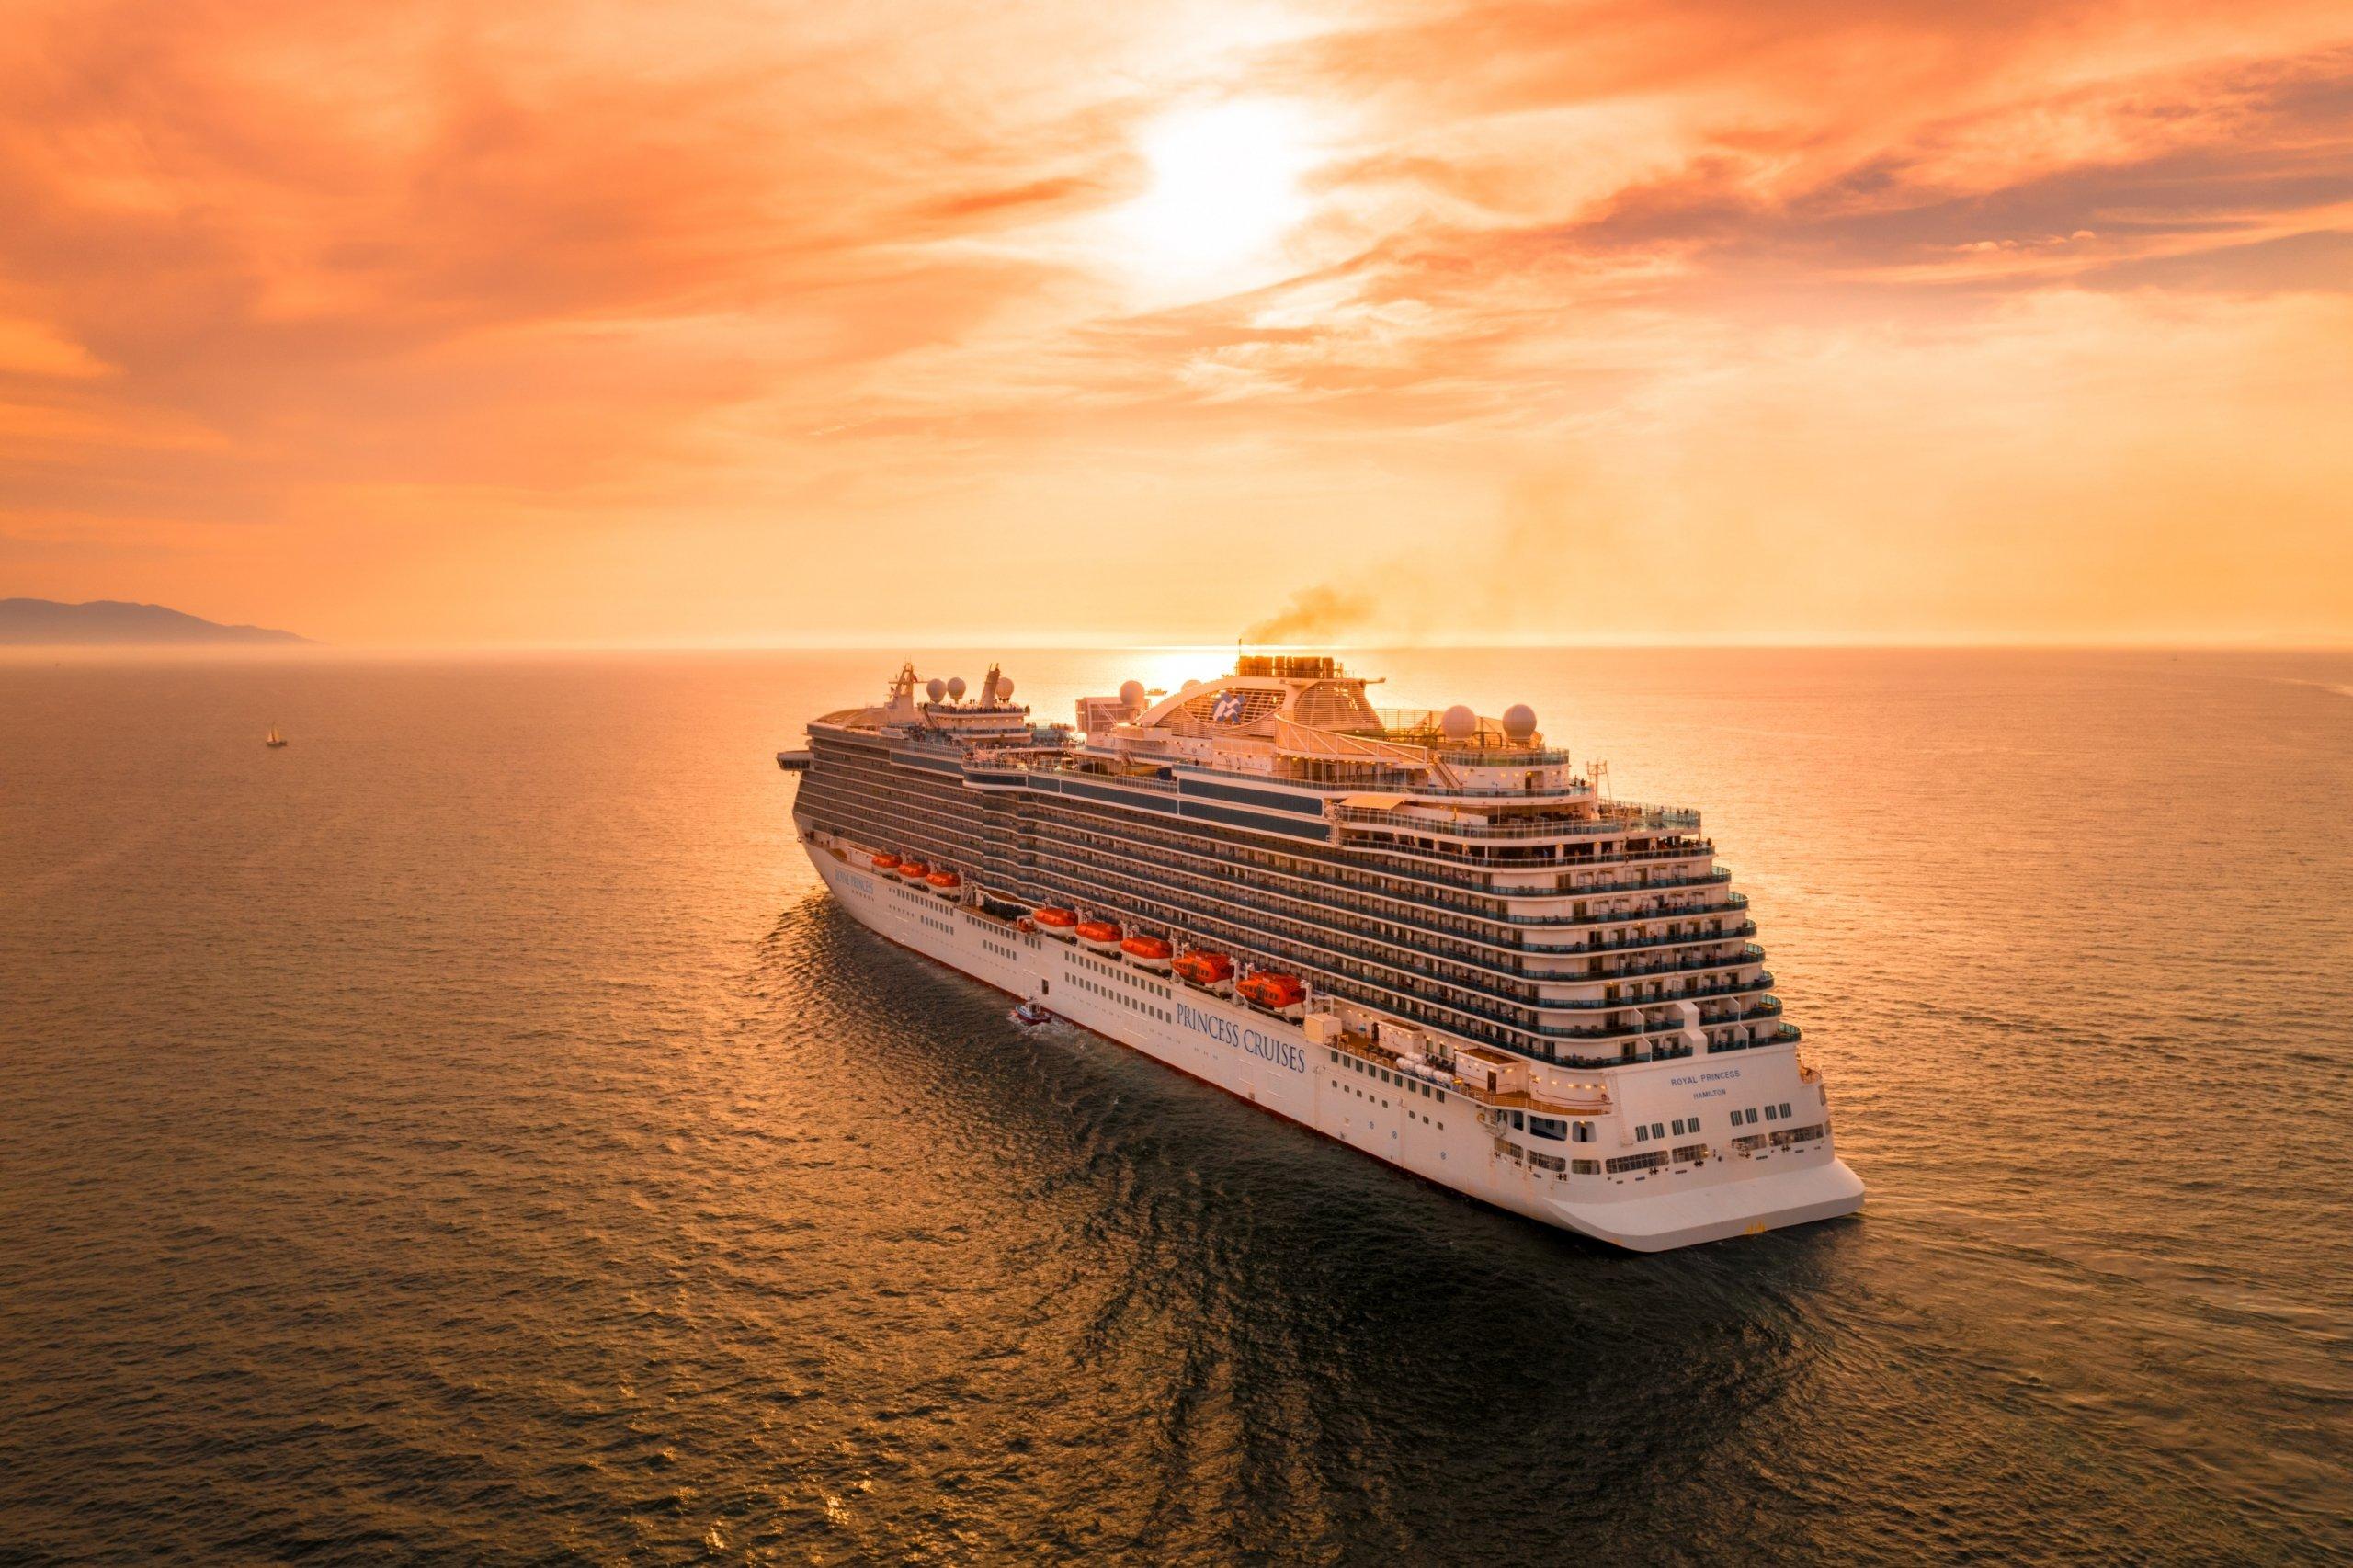 Cruise, Sailing, Ocean cruises